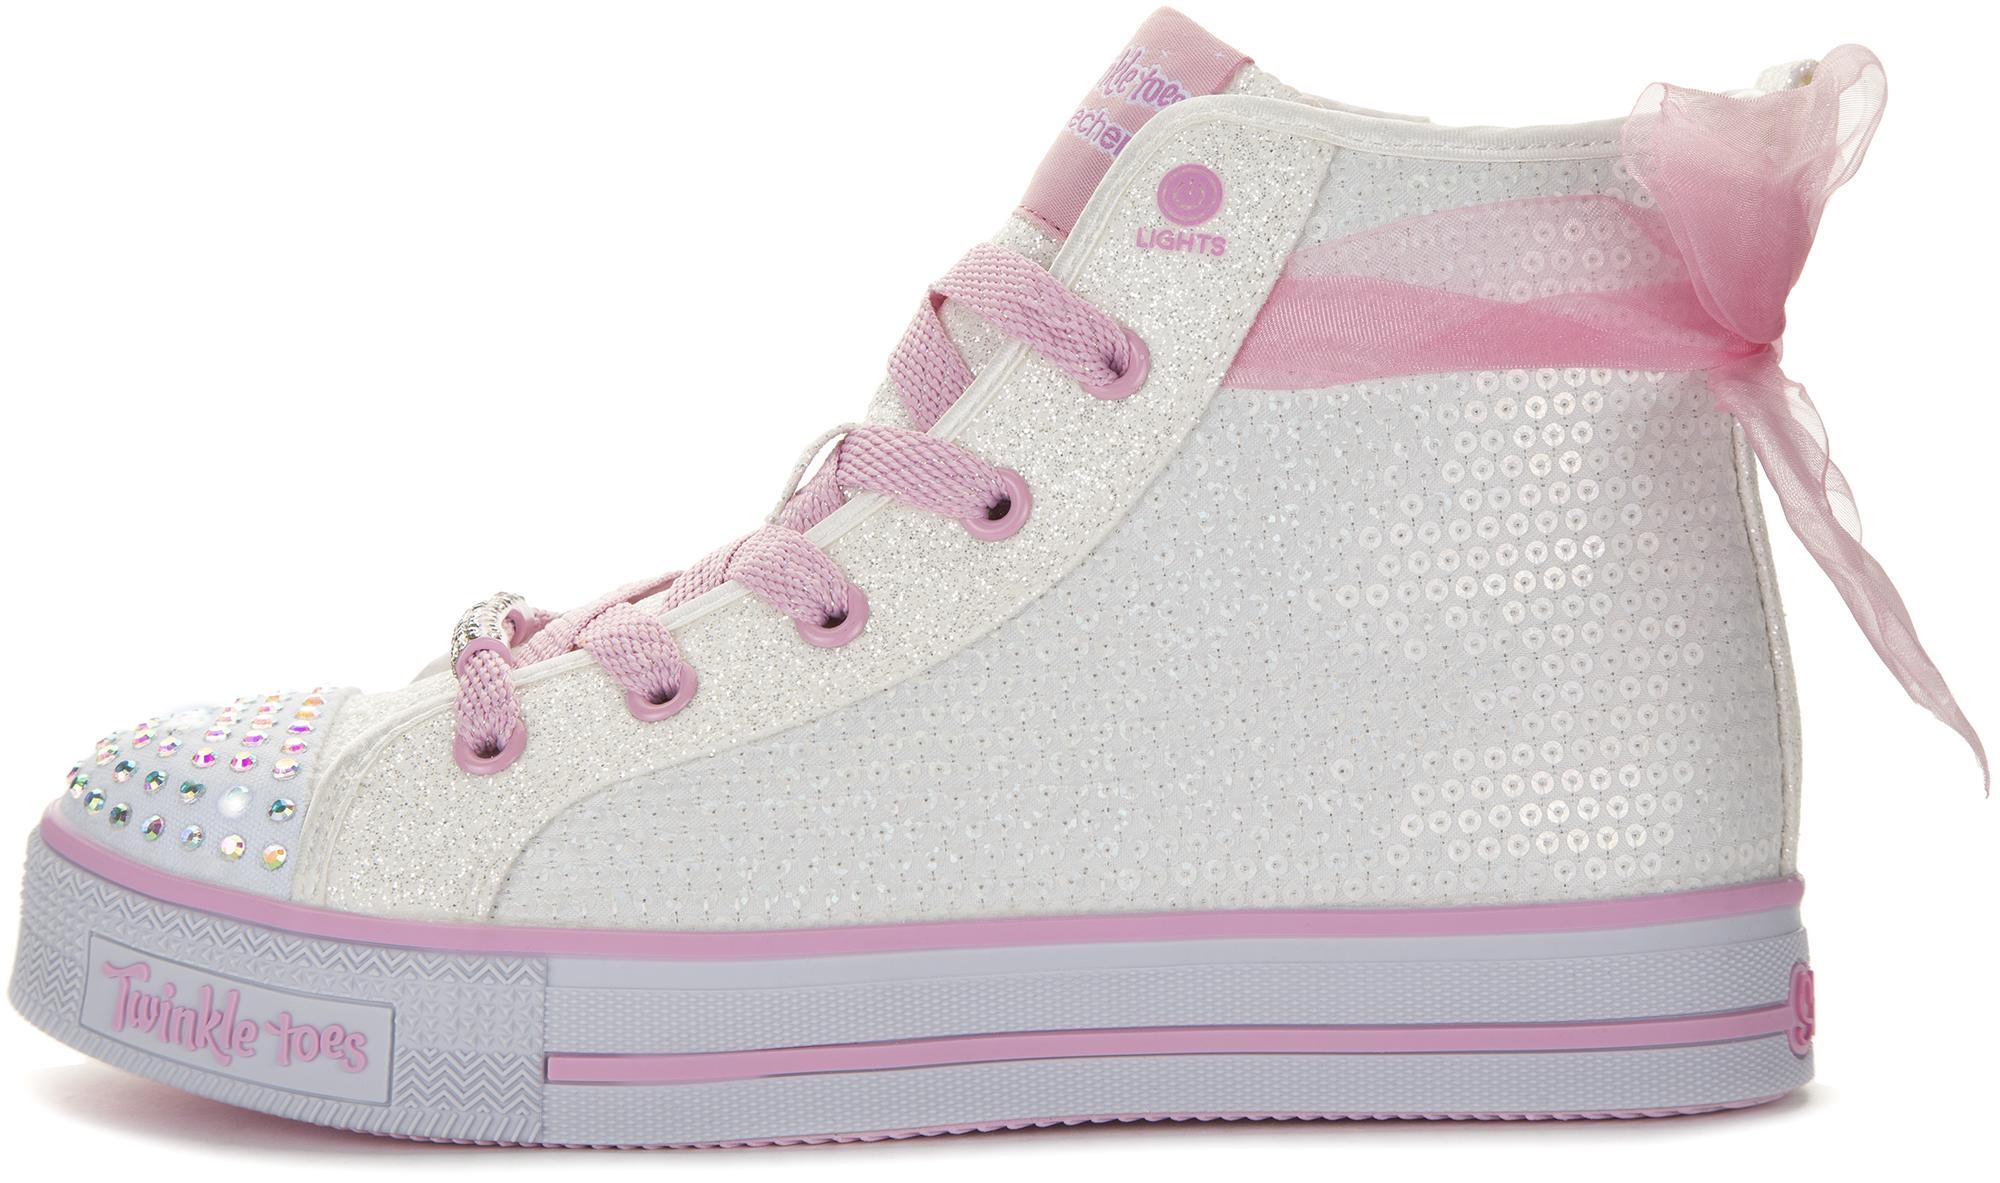 Skechers Кеды высокие для девочек Ms. Sparkle Beauty, размер 34,5